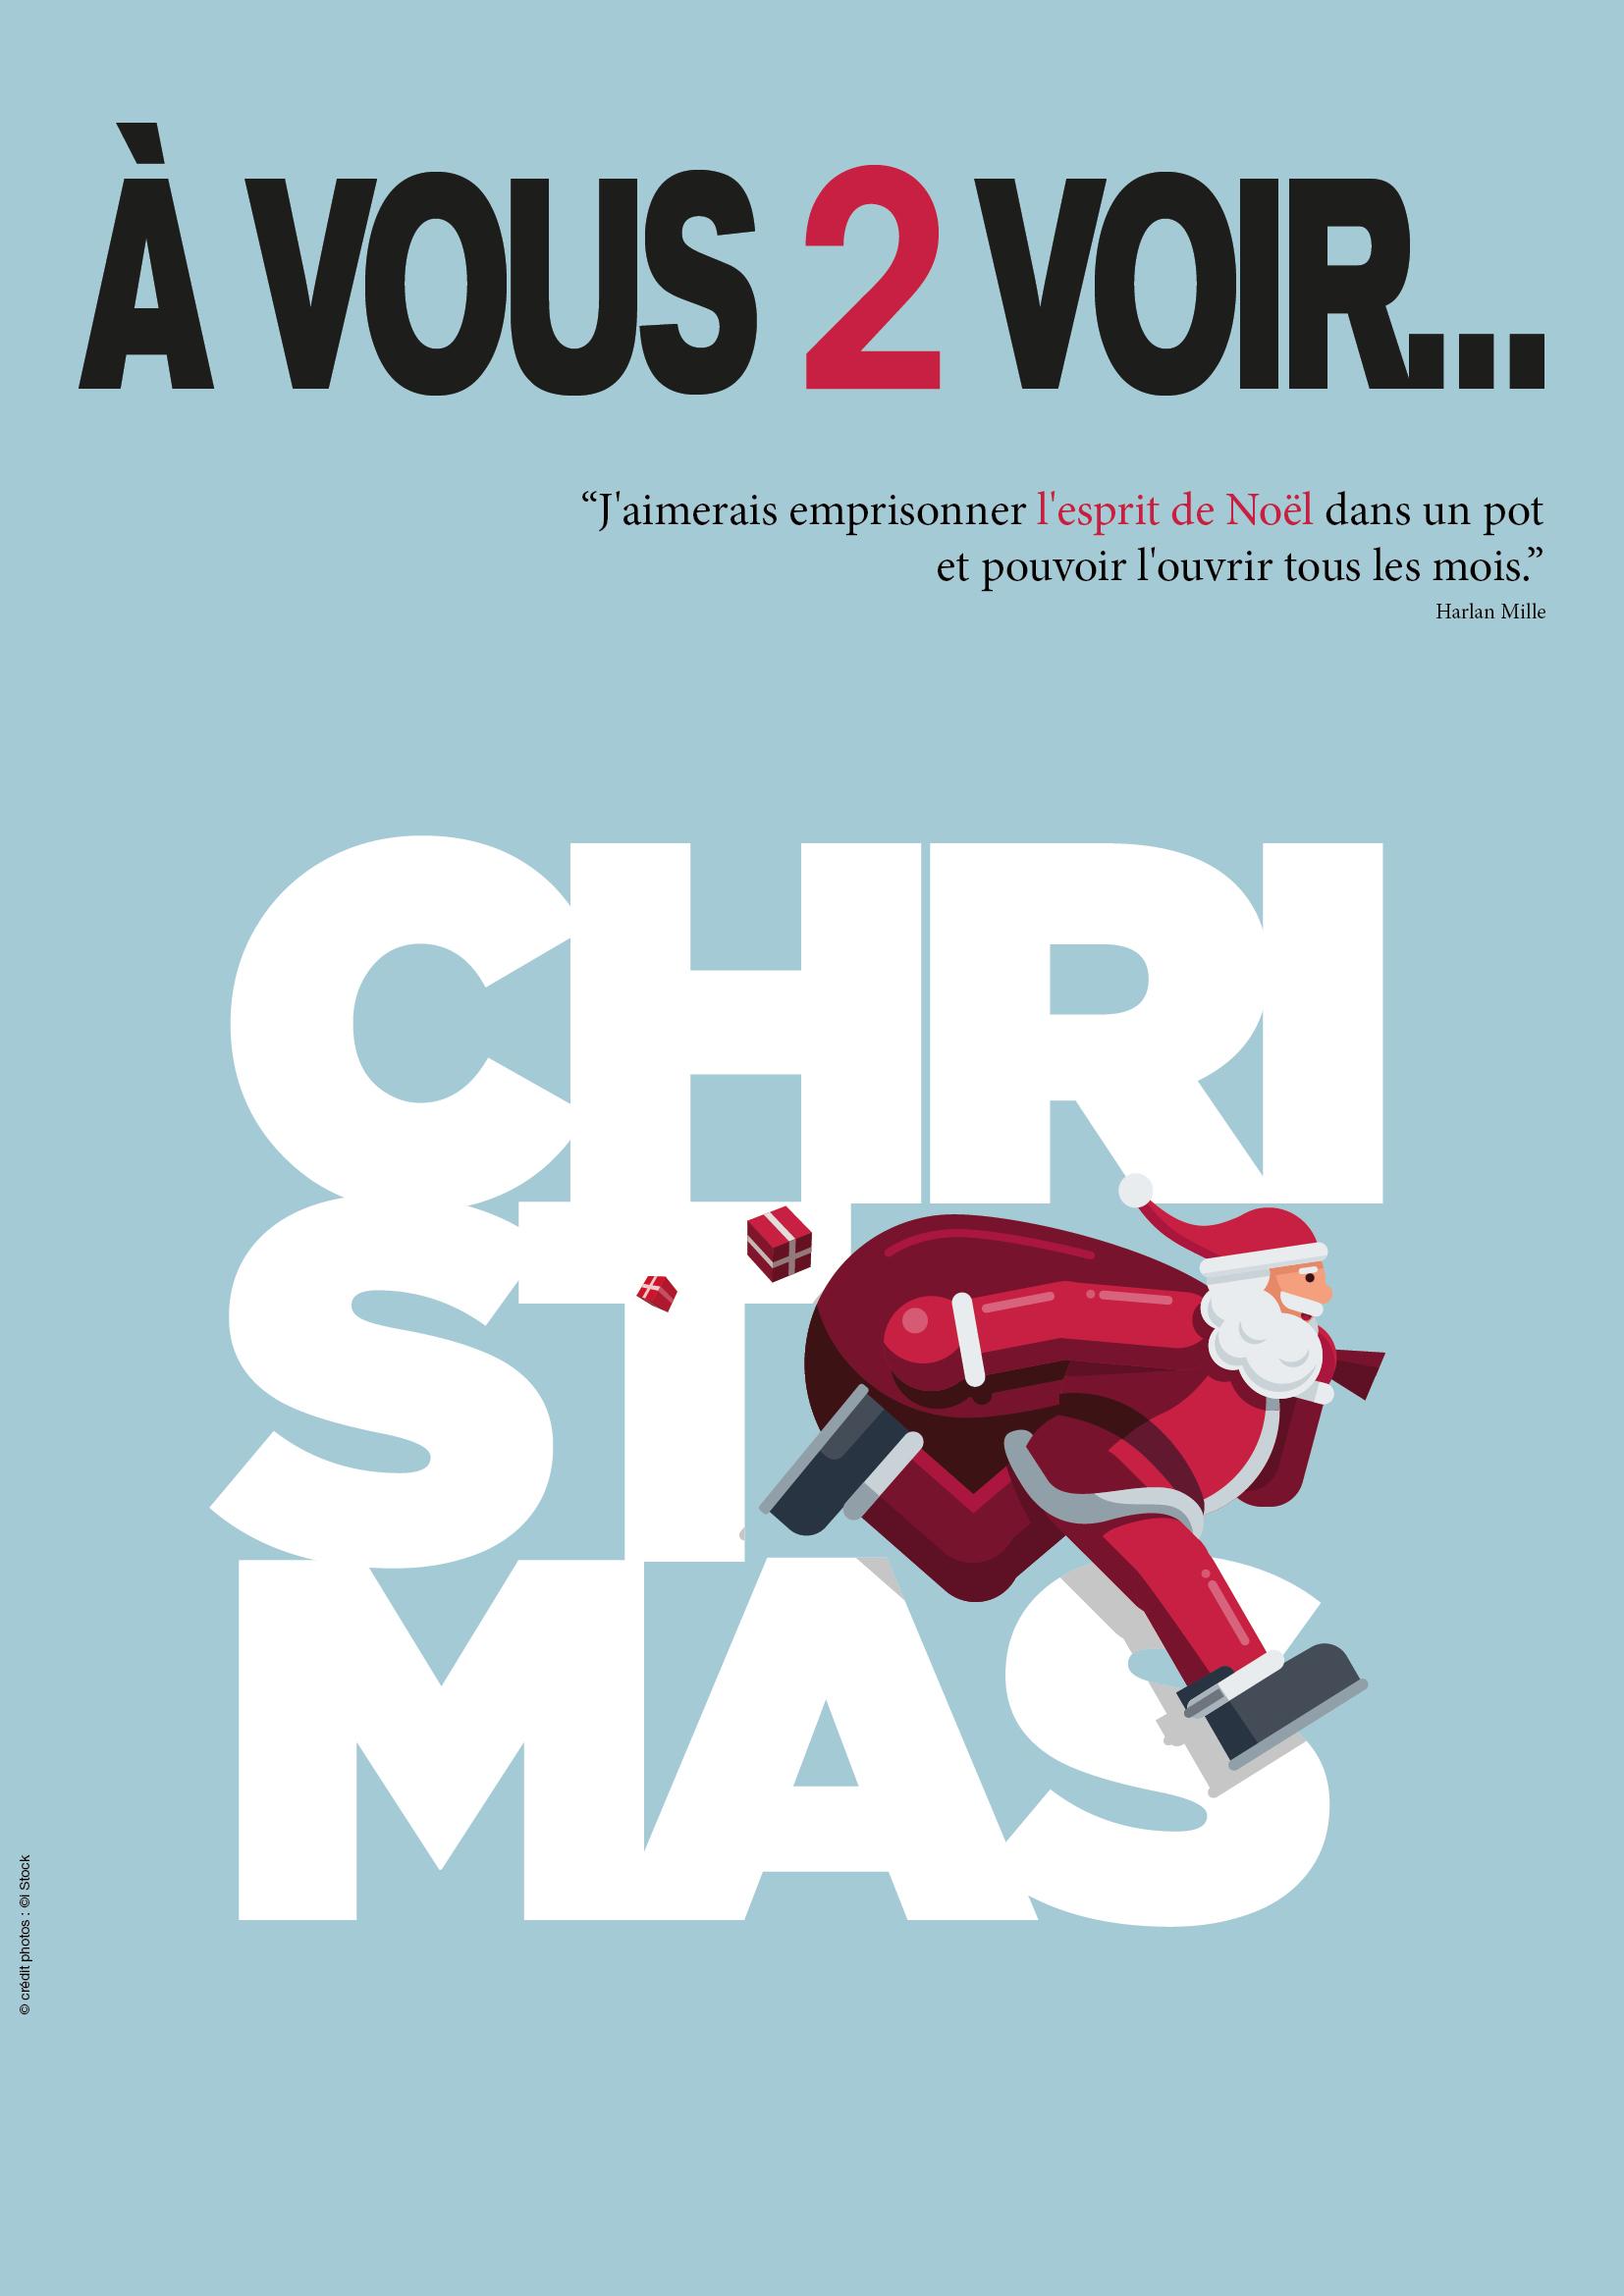 Magazine N°17 A Vous 2 Voir | nov-dec 2019